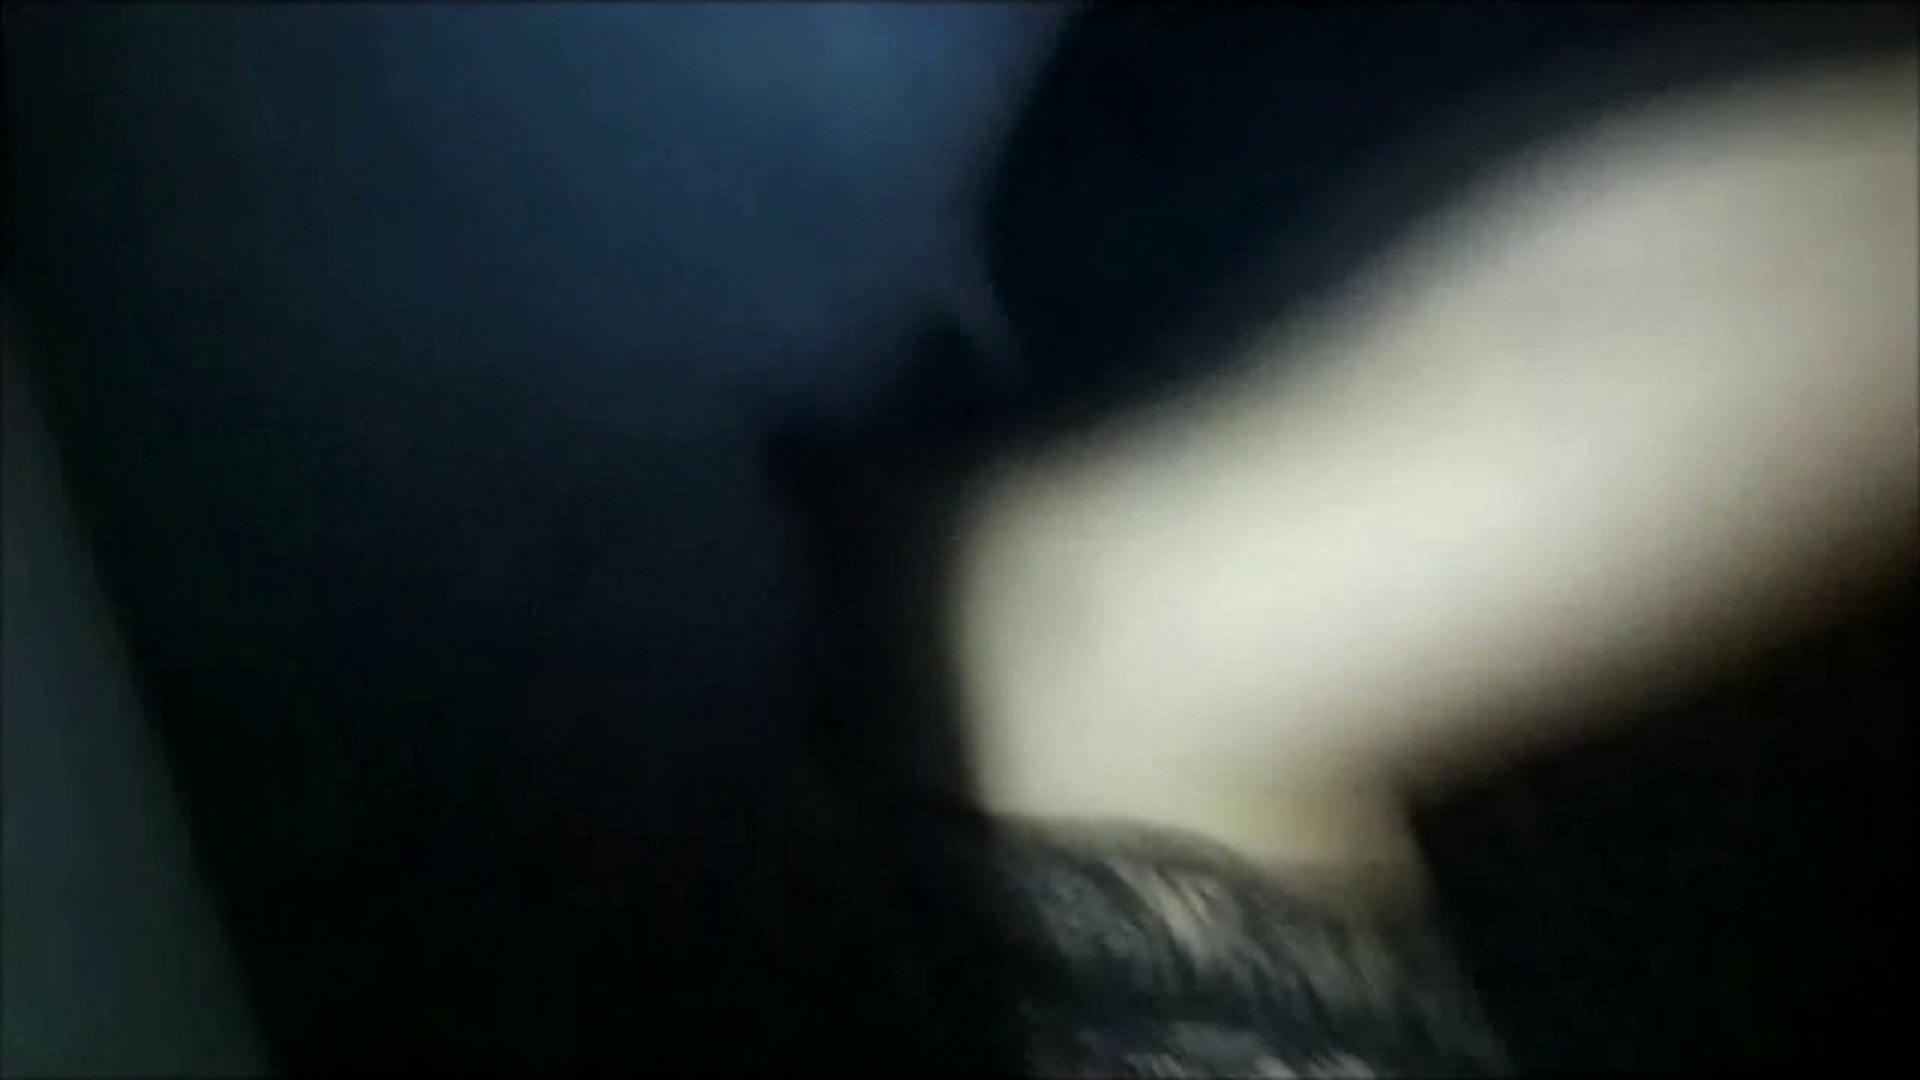 魔術師の お・も・て・な・し vol.05 21歳 美乳にイタズラ 美乳 | 美女OL  110連発 89